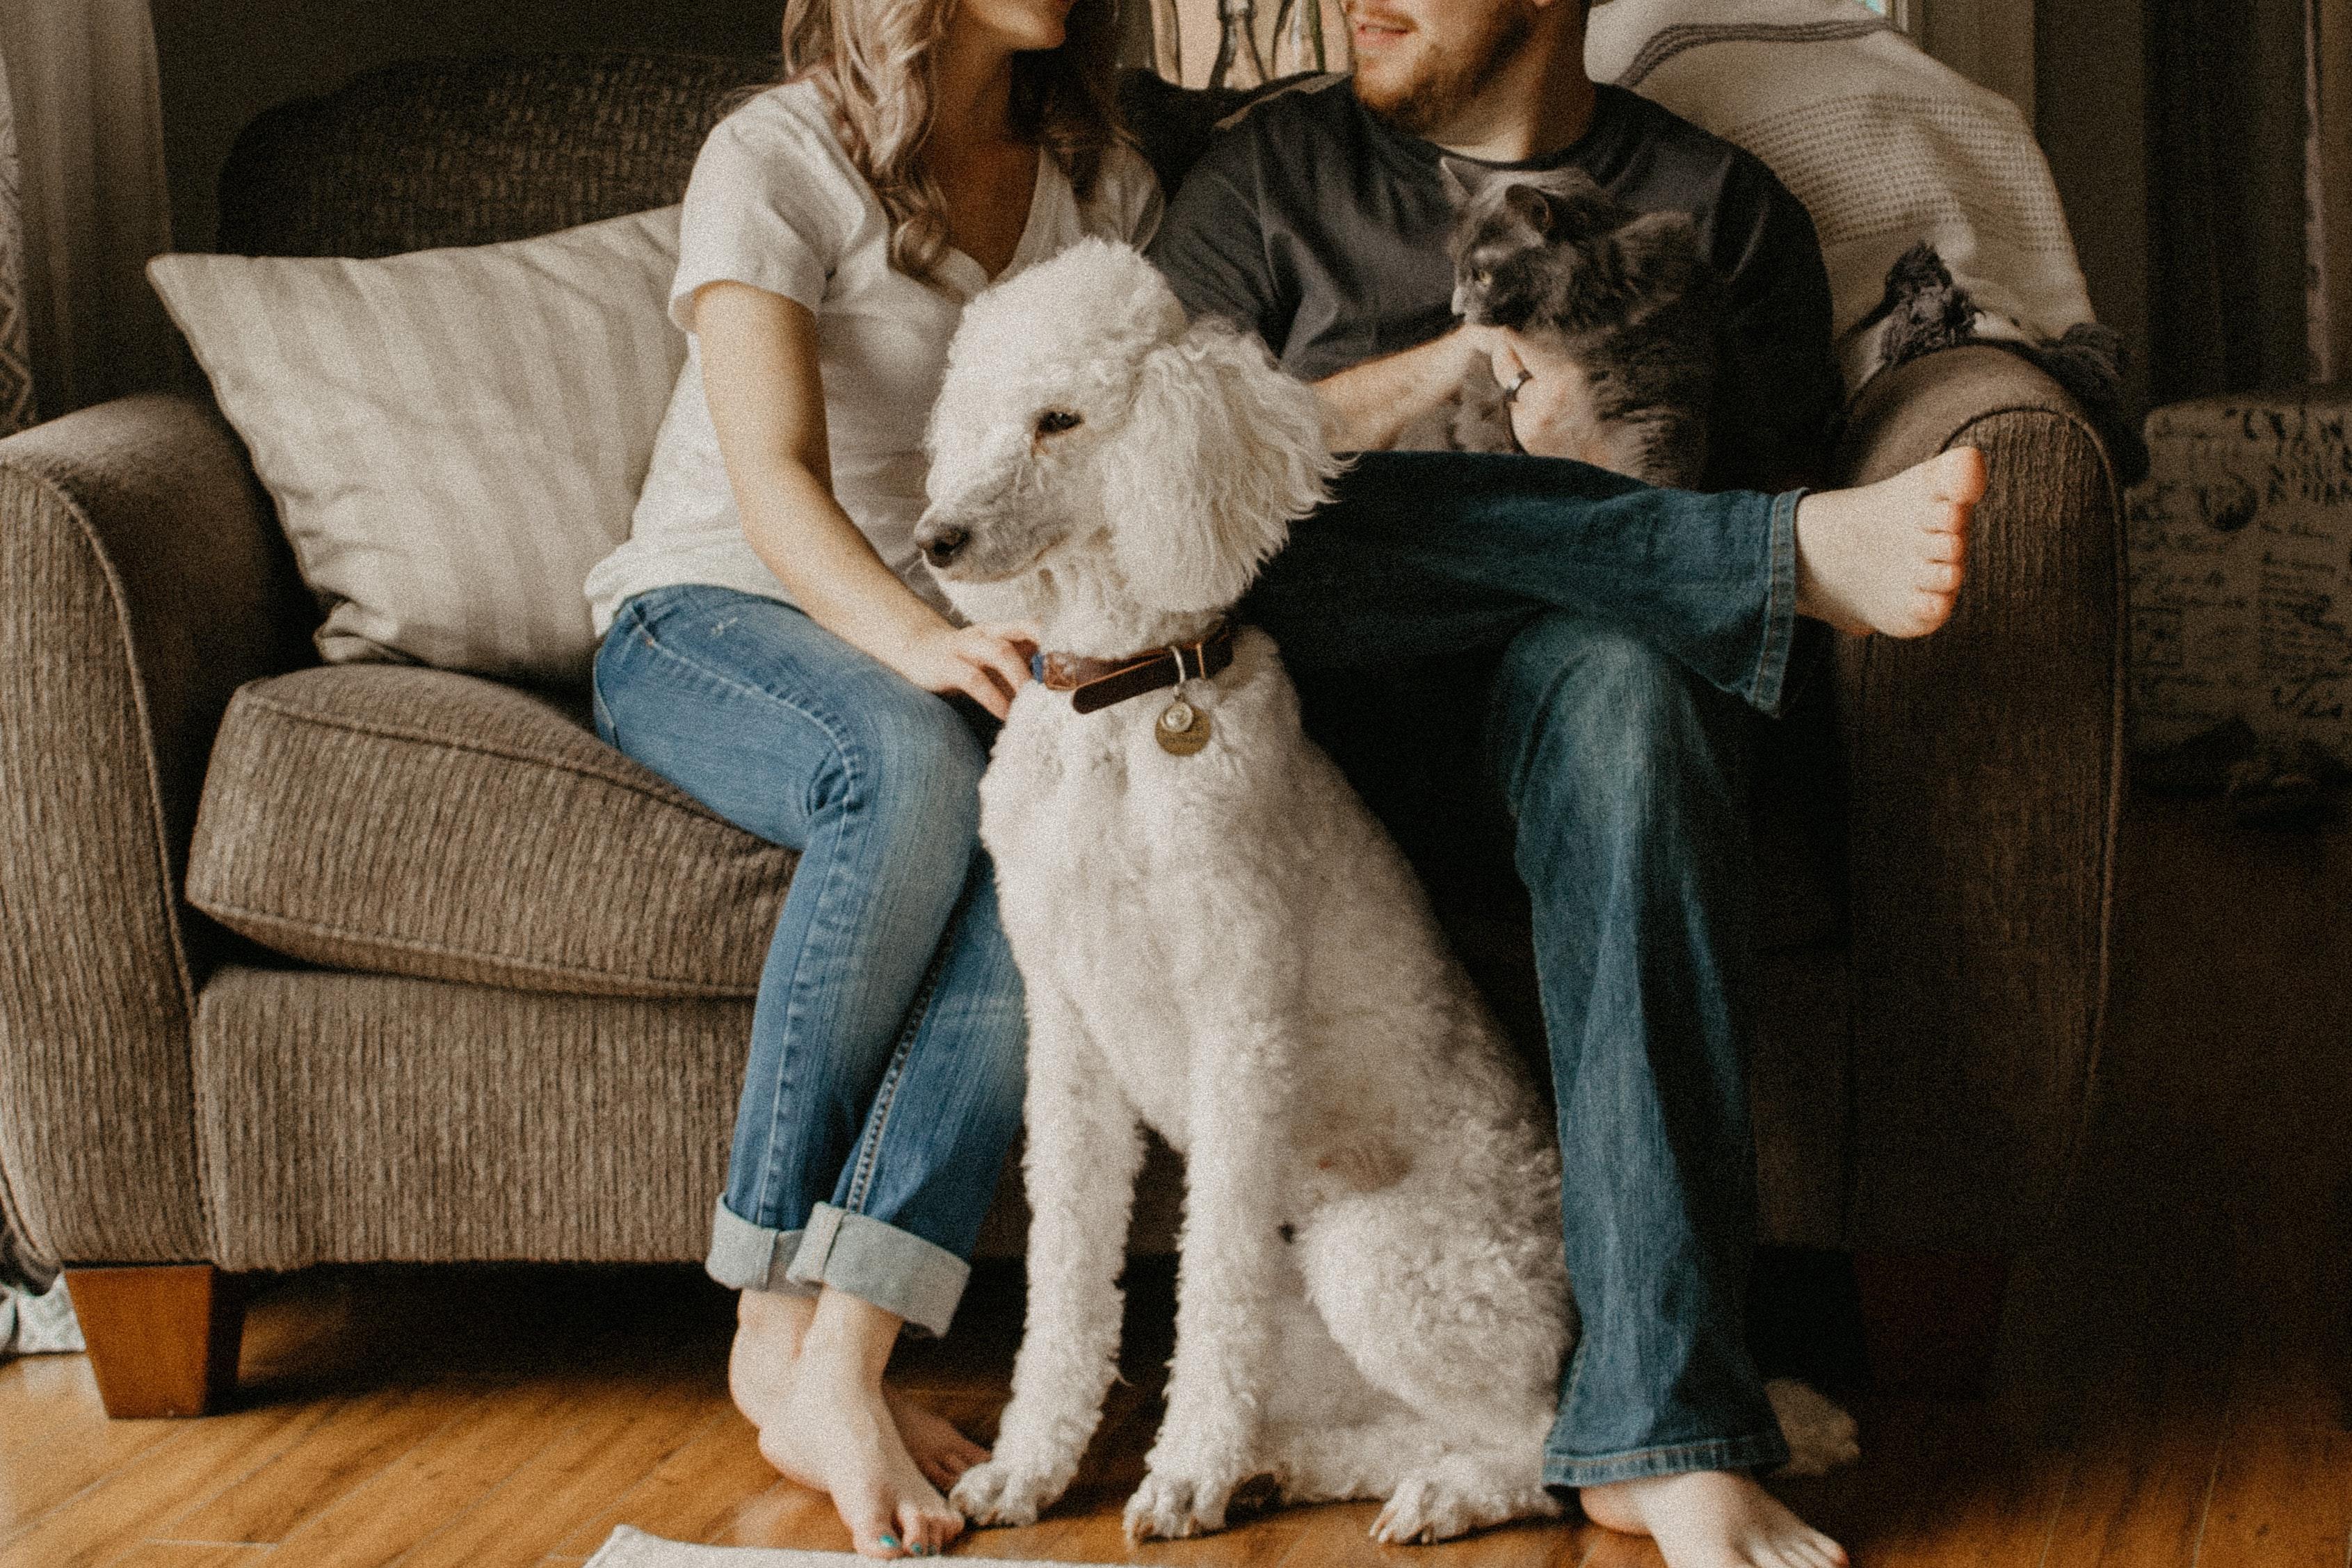 Manter a casa limpa tendo animais de estimação